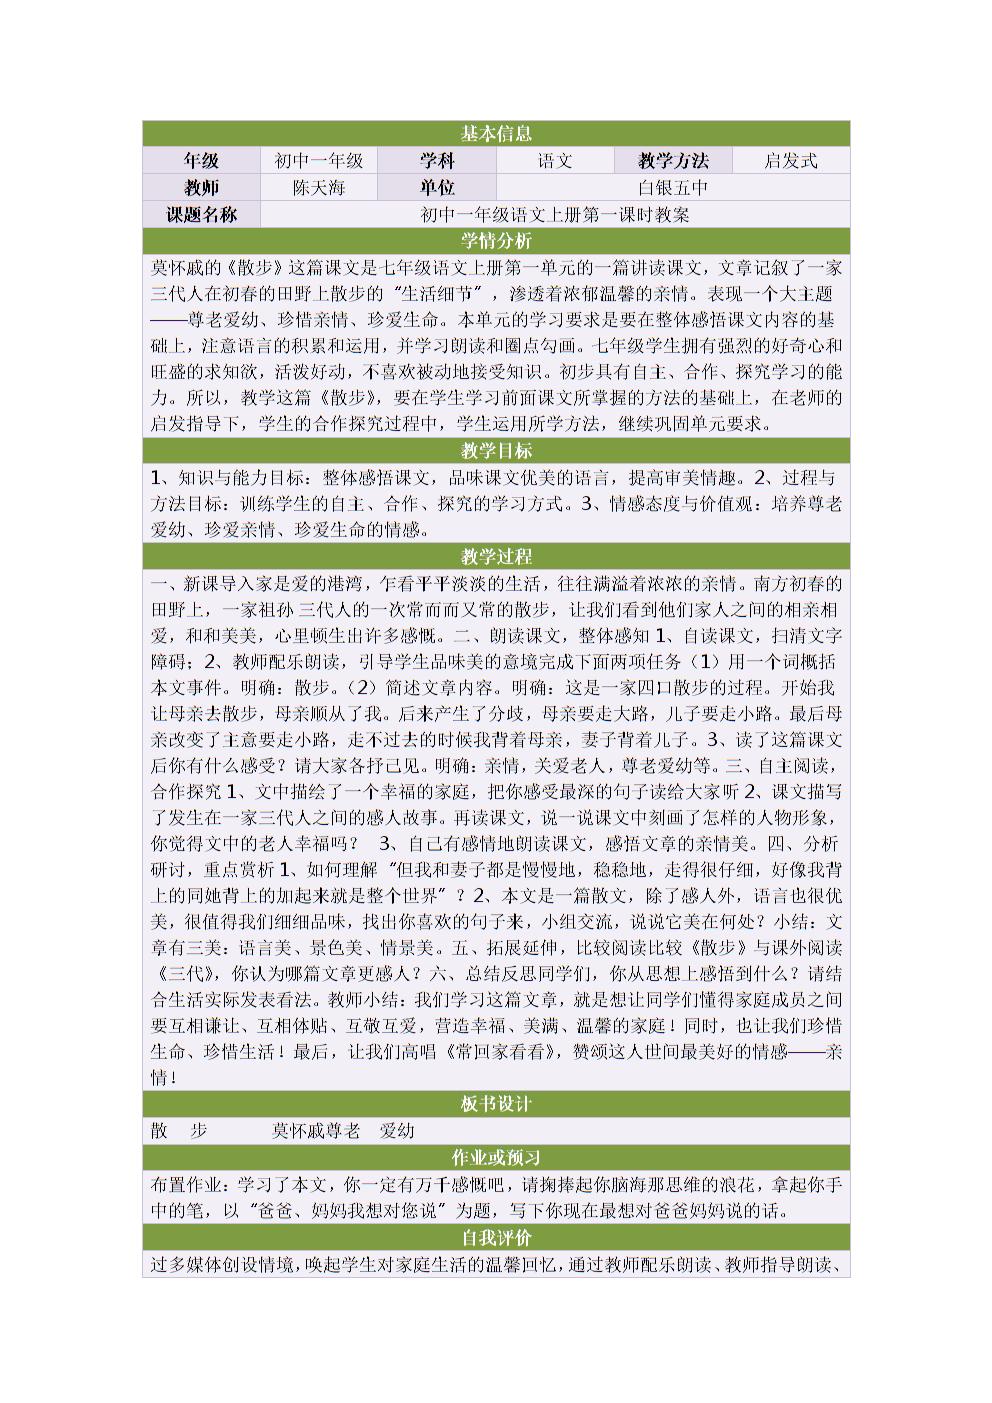 初中一年级语文上册第一课时教案.doc